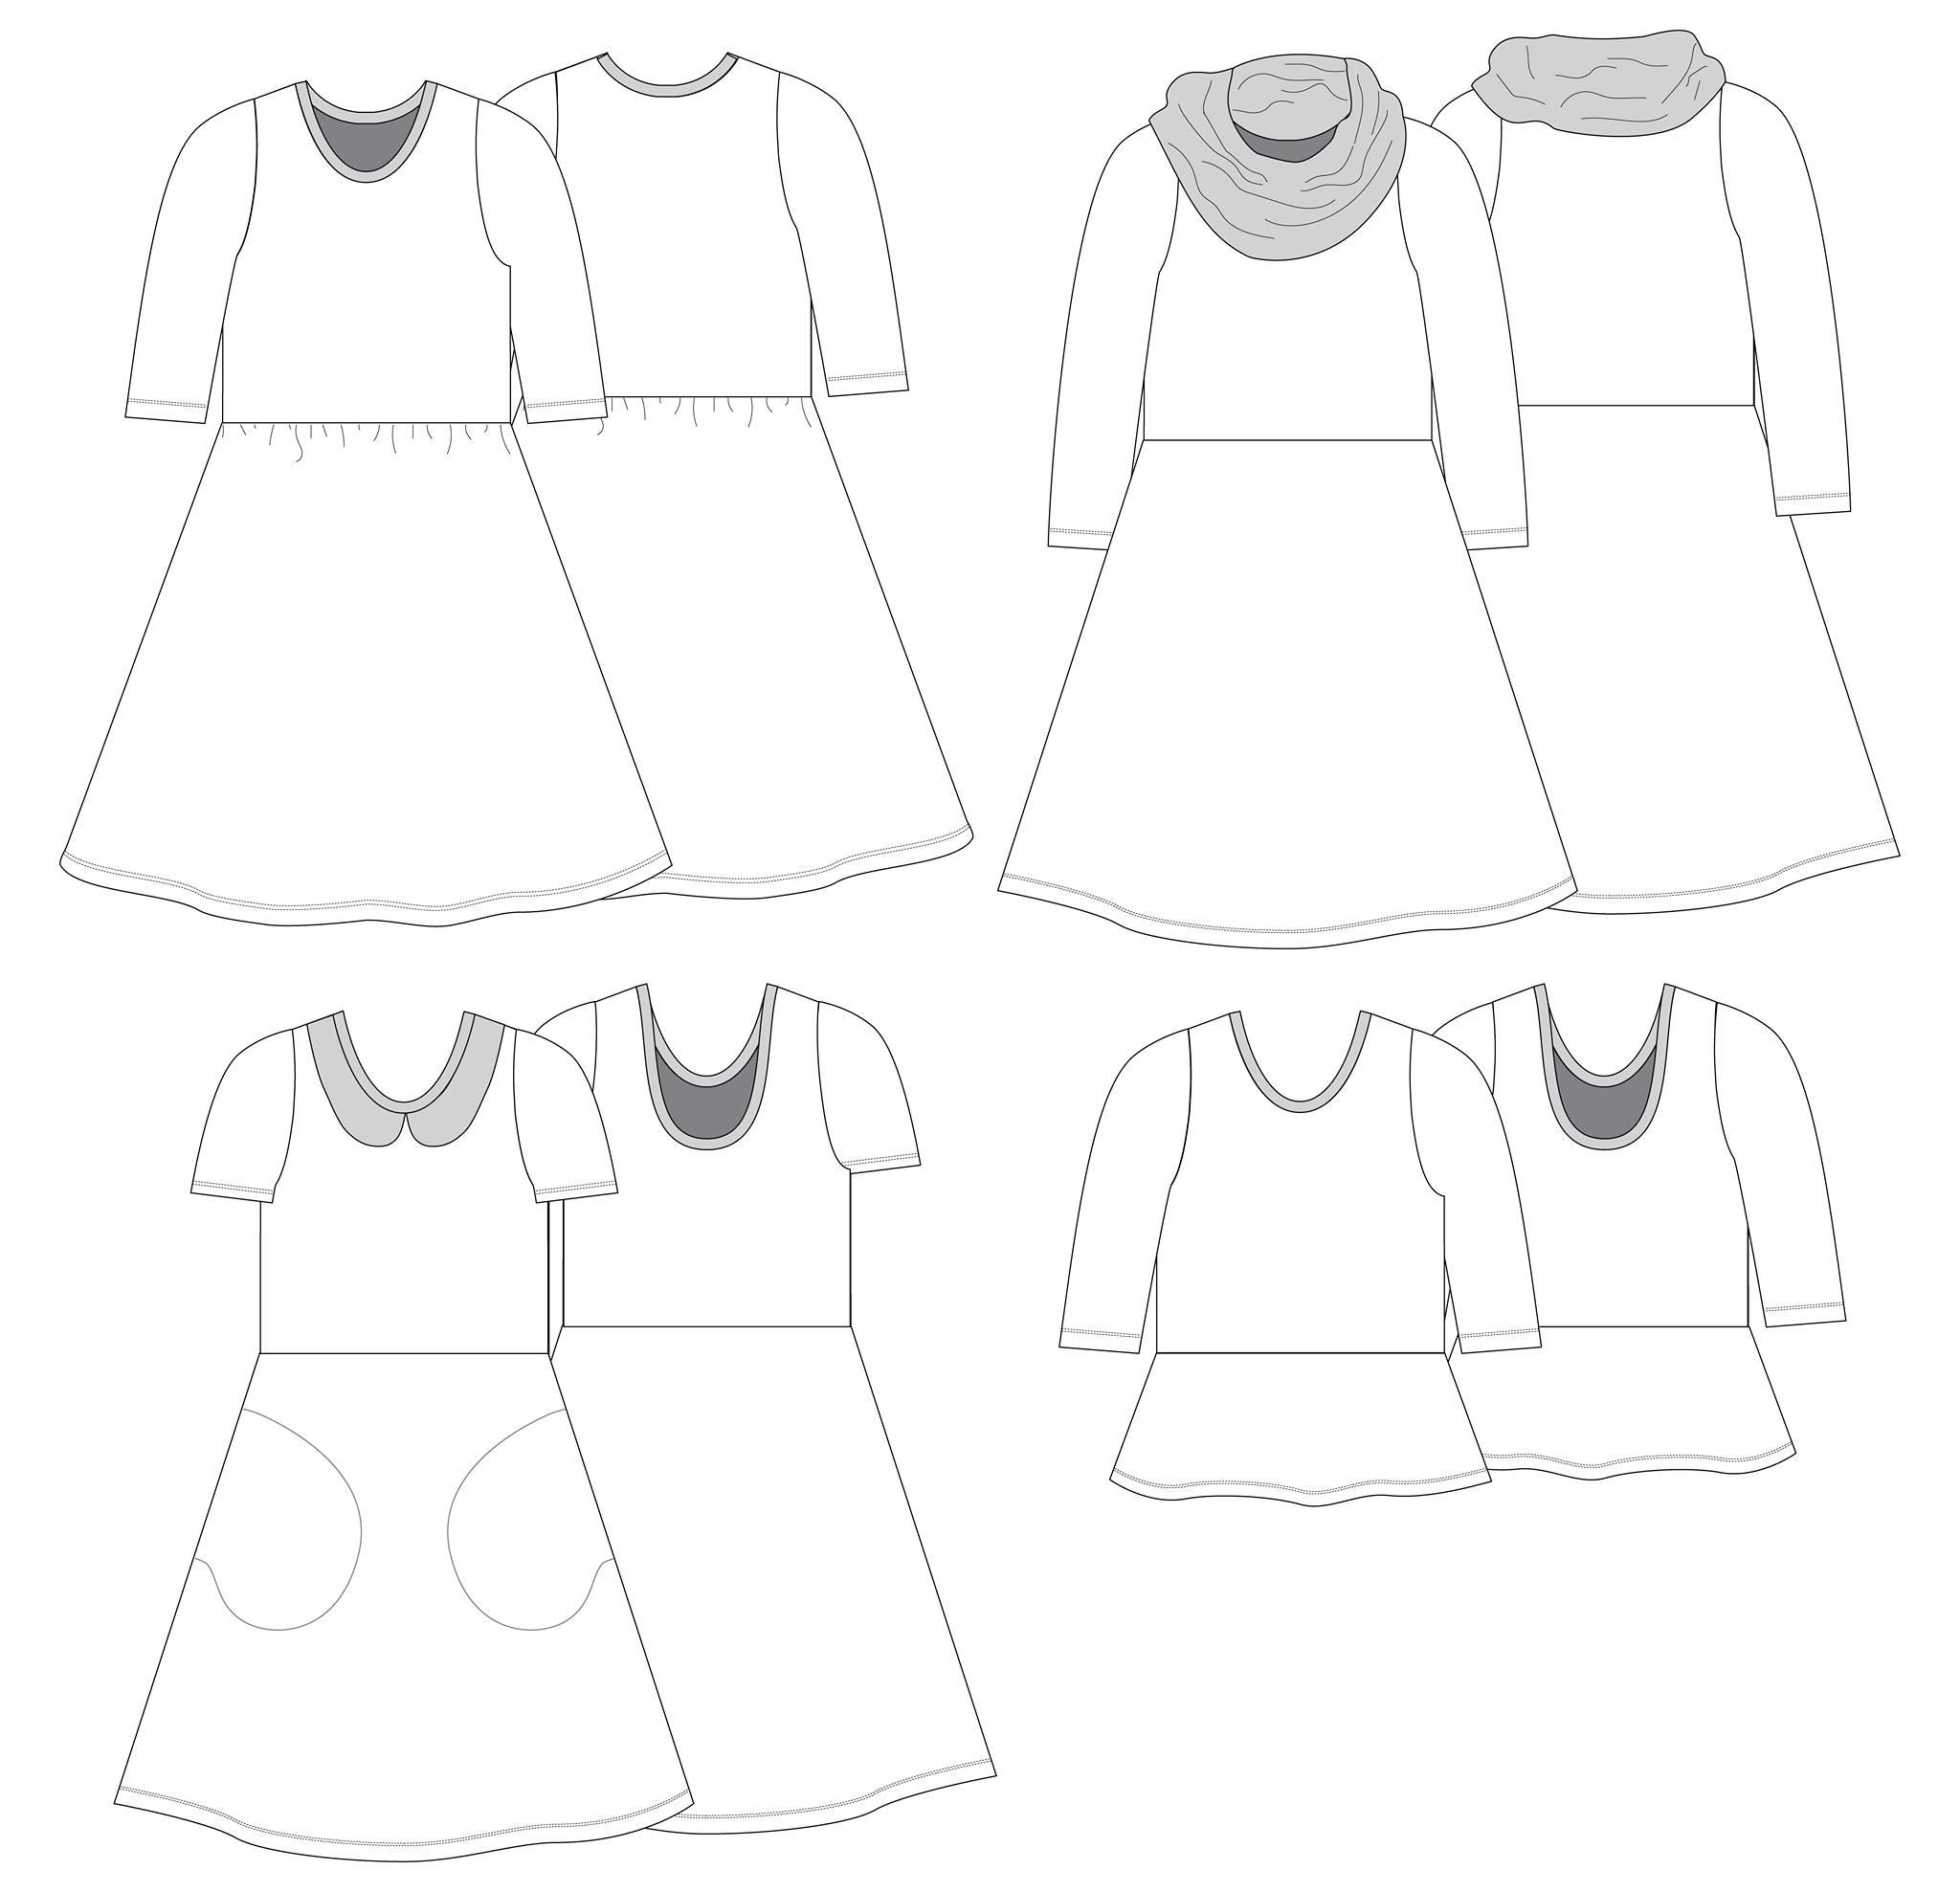 janie-line-drawing